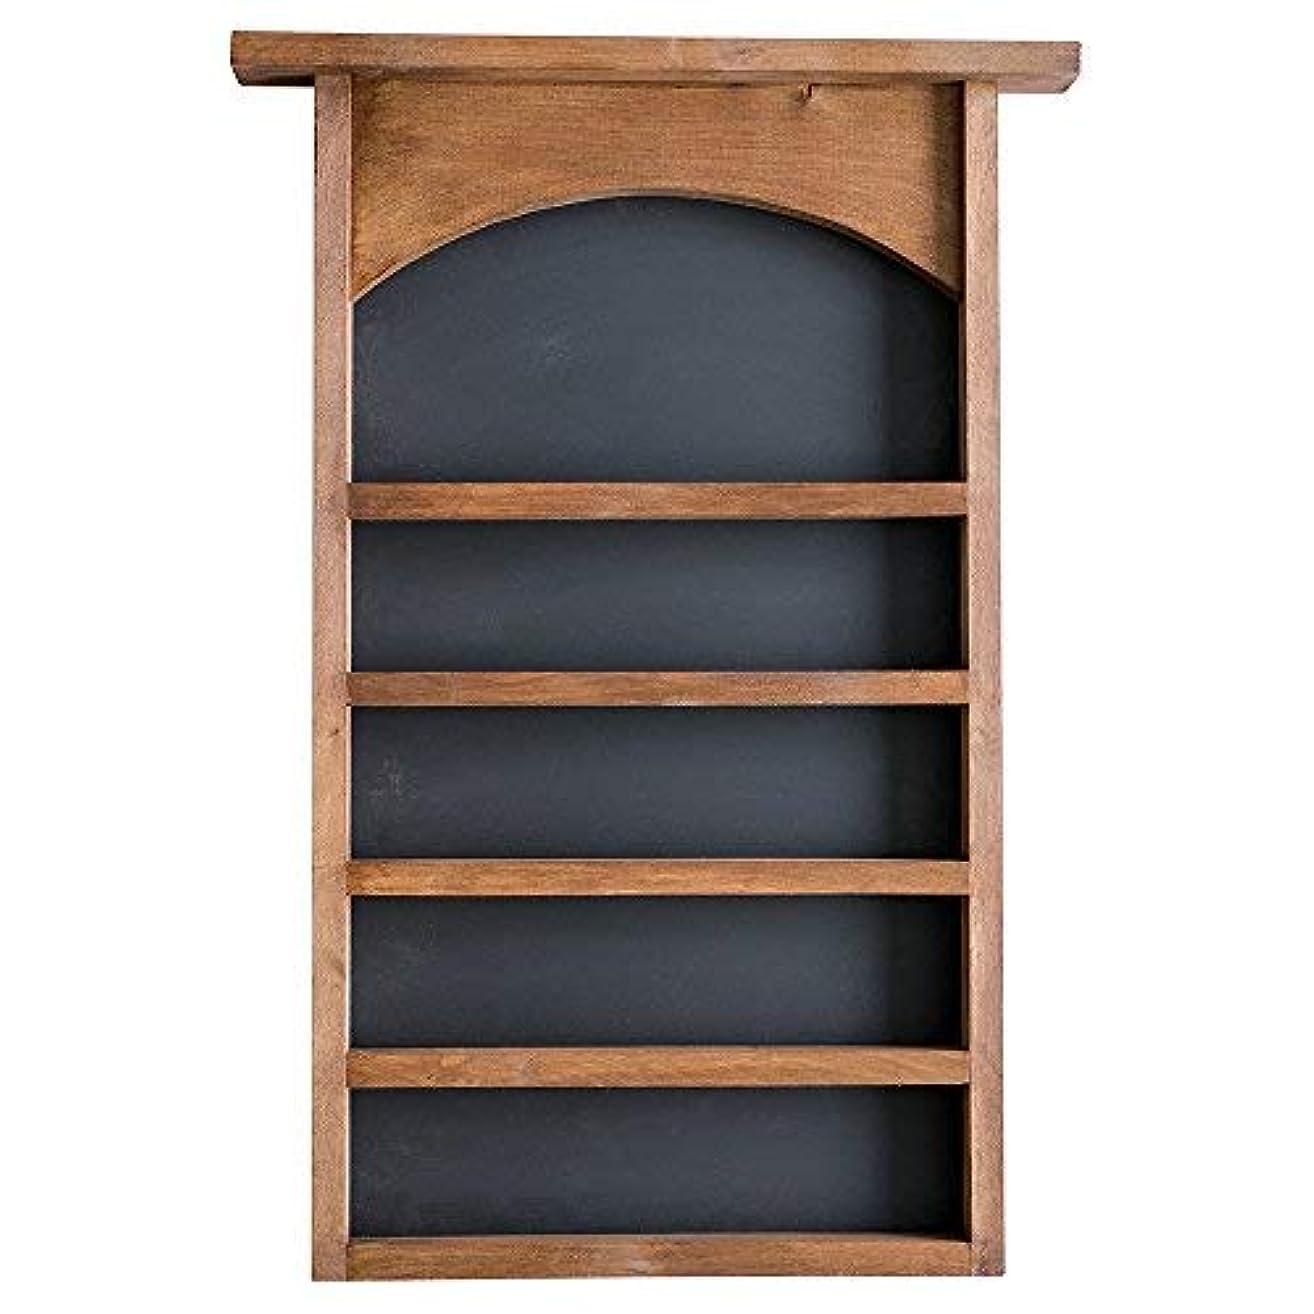 序文タイプ遮るEssential Oil表示シェルフと黒板Back  ソリッド木製 壁マウント  Modernファームハウス装飾  30 x 18.5インチ